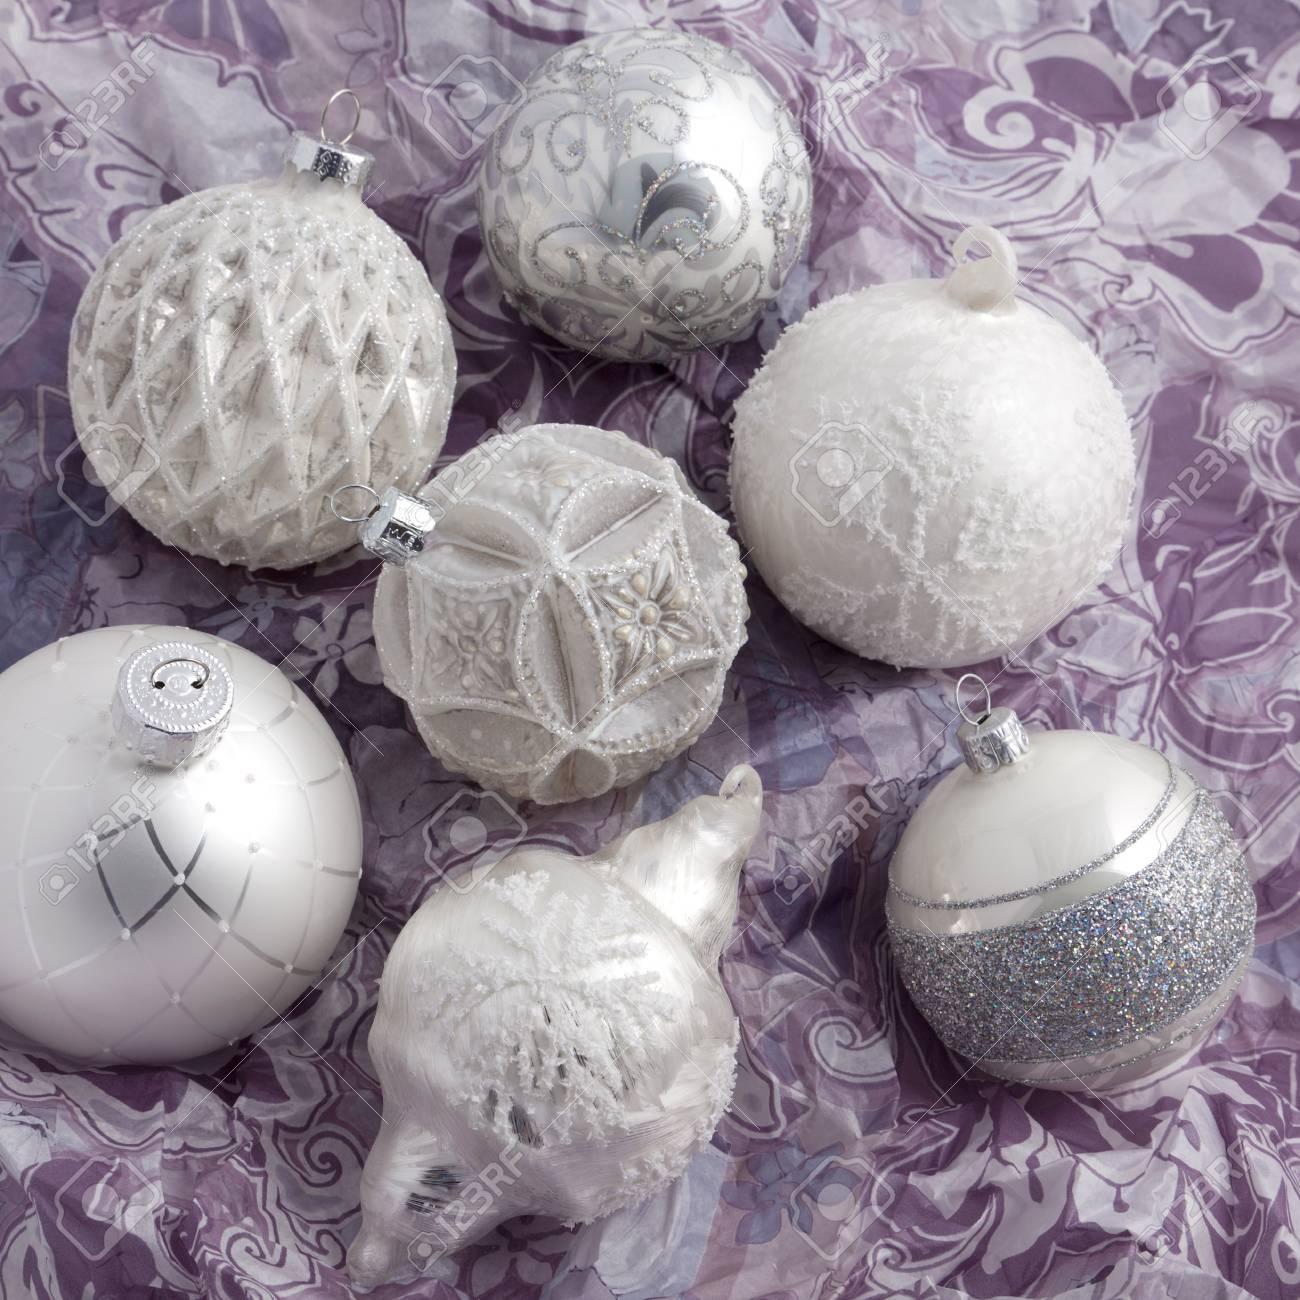 Weihnachtskugeln Weiß Silber.Stock Photo